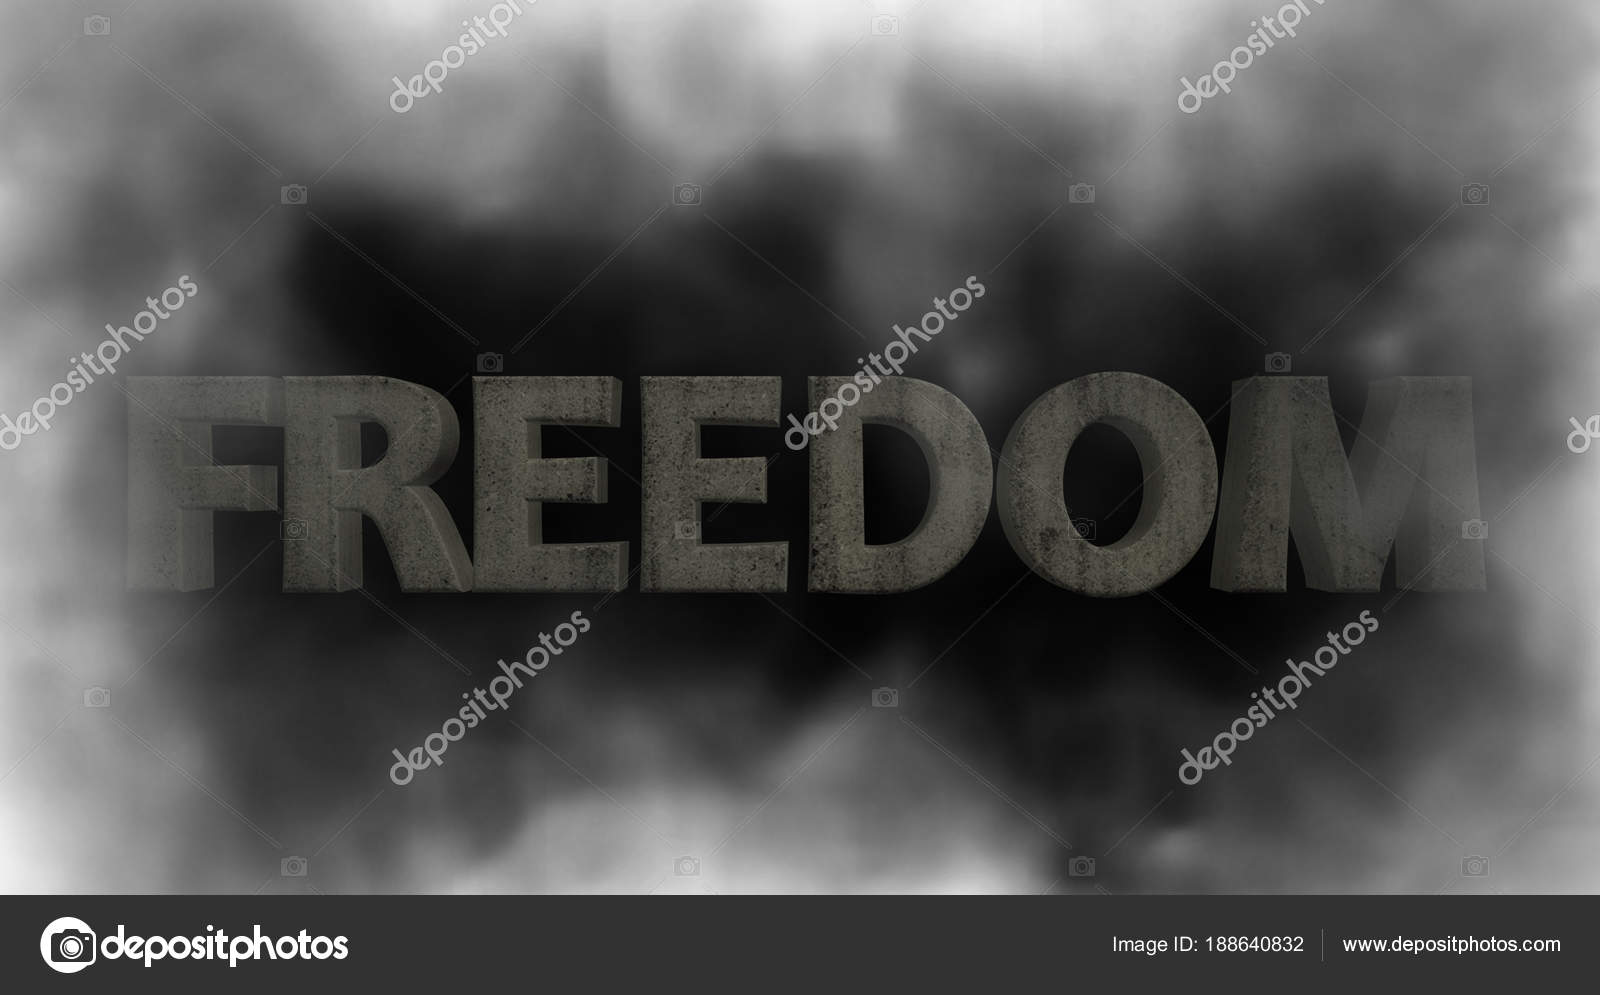 Freiheit im Nebel. Rauch Nebel fliegt an den Rändern. Rahmen von ...